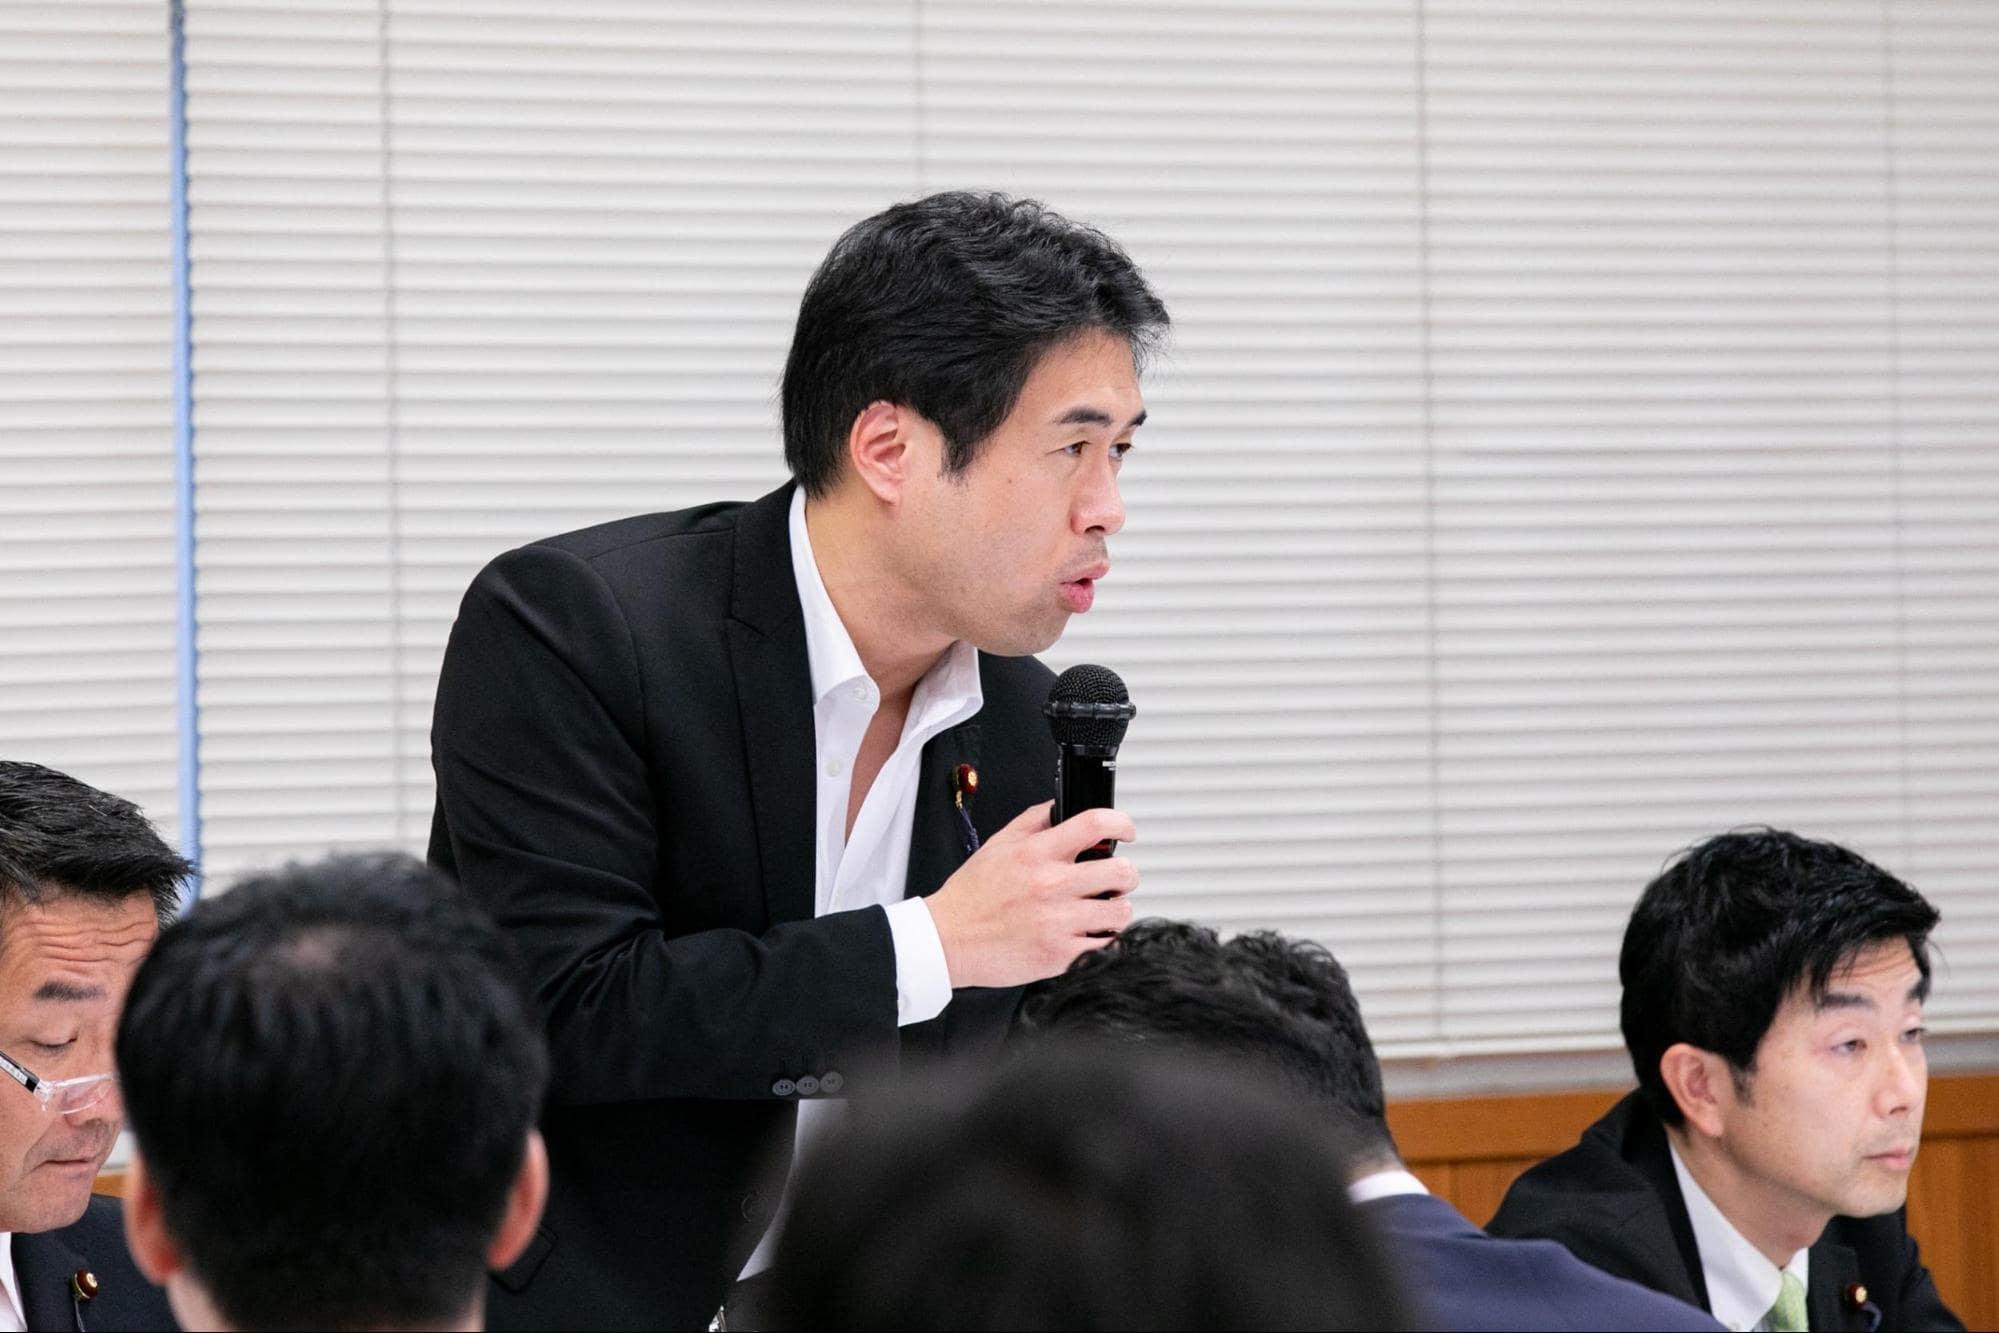 各省庁からの共有を終えた後の質疑応答では、参加議員からさまざまな意見が寄せられた。